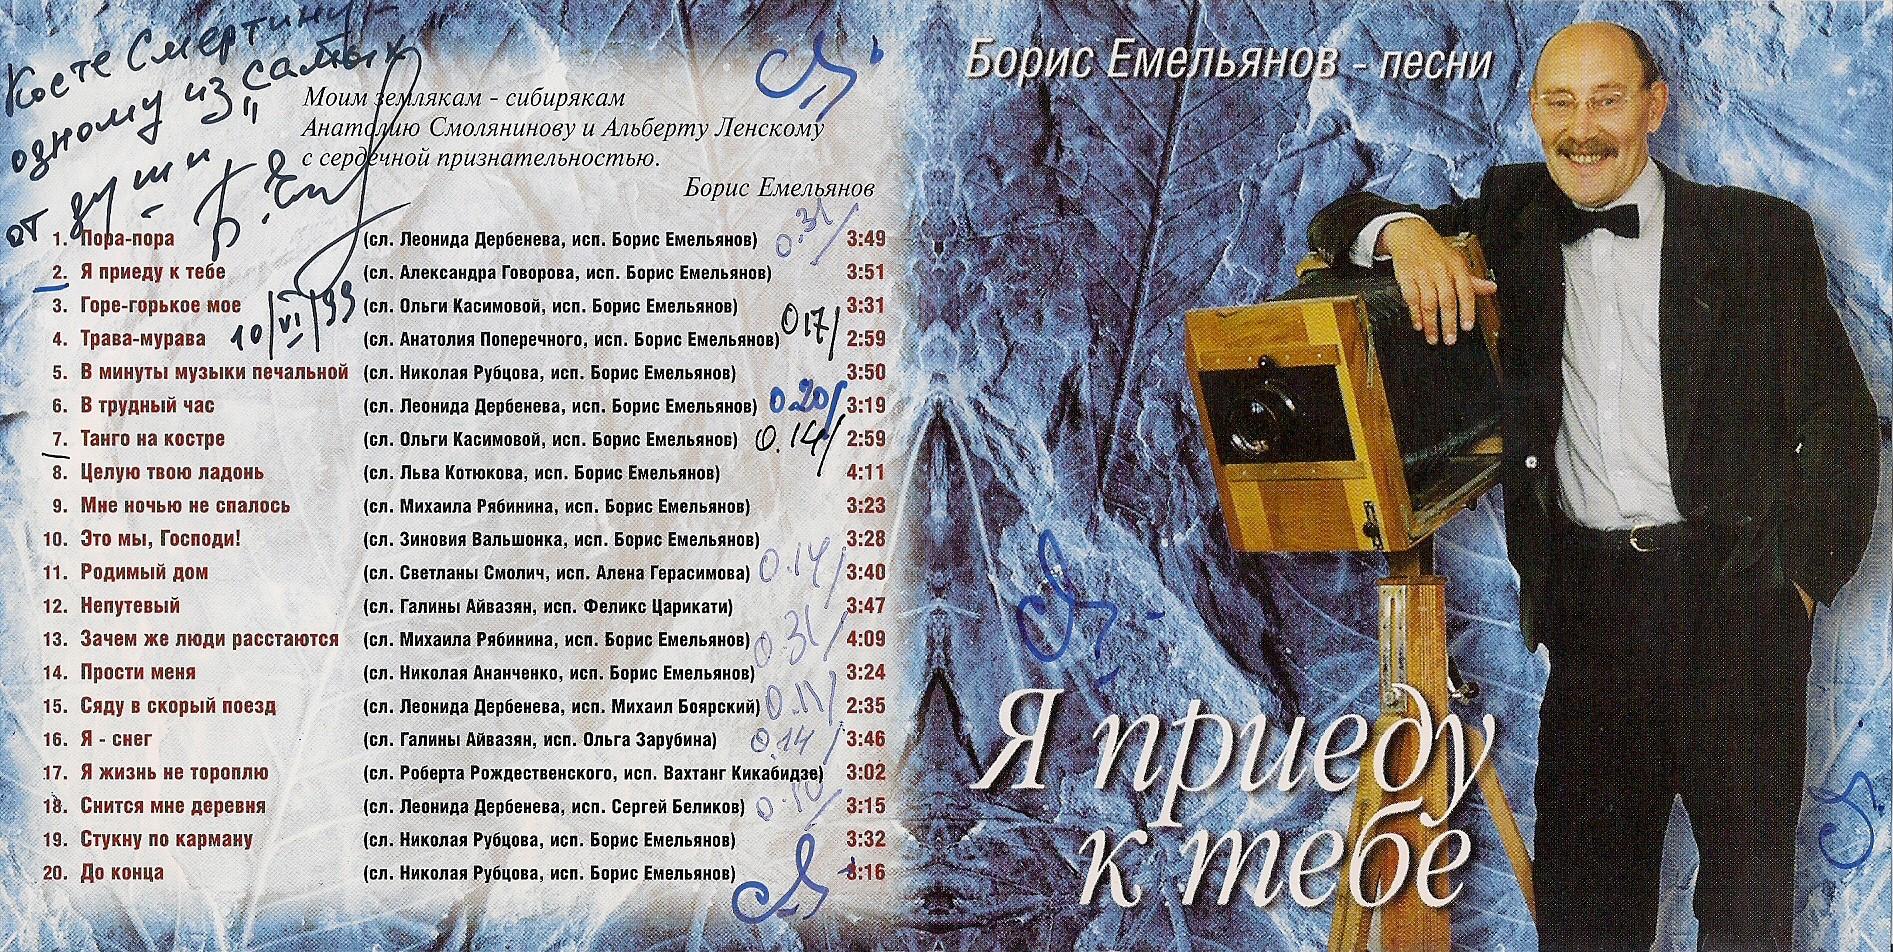 Название: _Эти песни Б.Емельянова  звучали на Маяке.jpg Просмотров: 79  Размер: 1.03 Мб